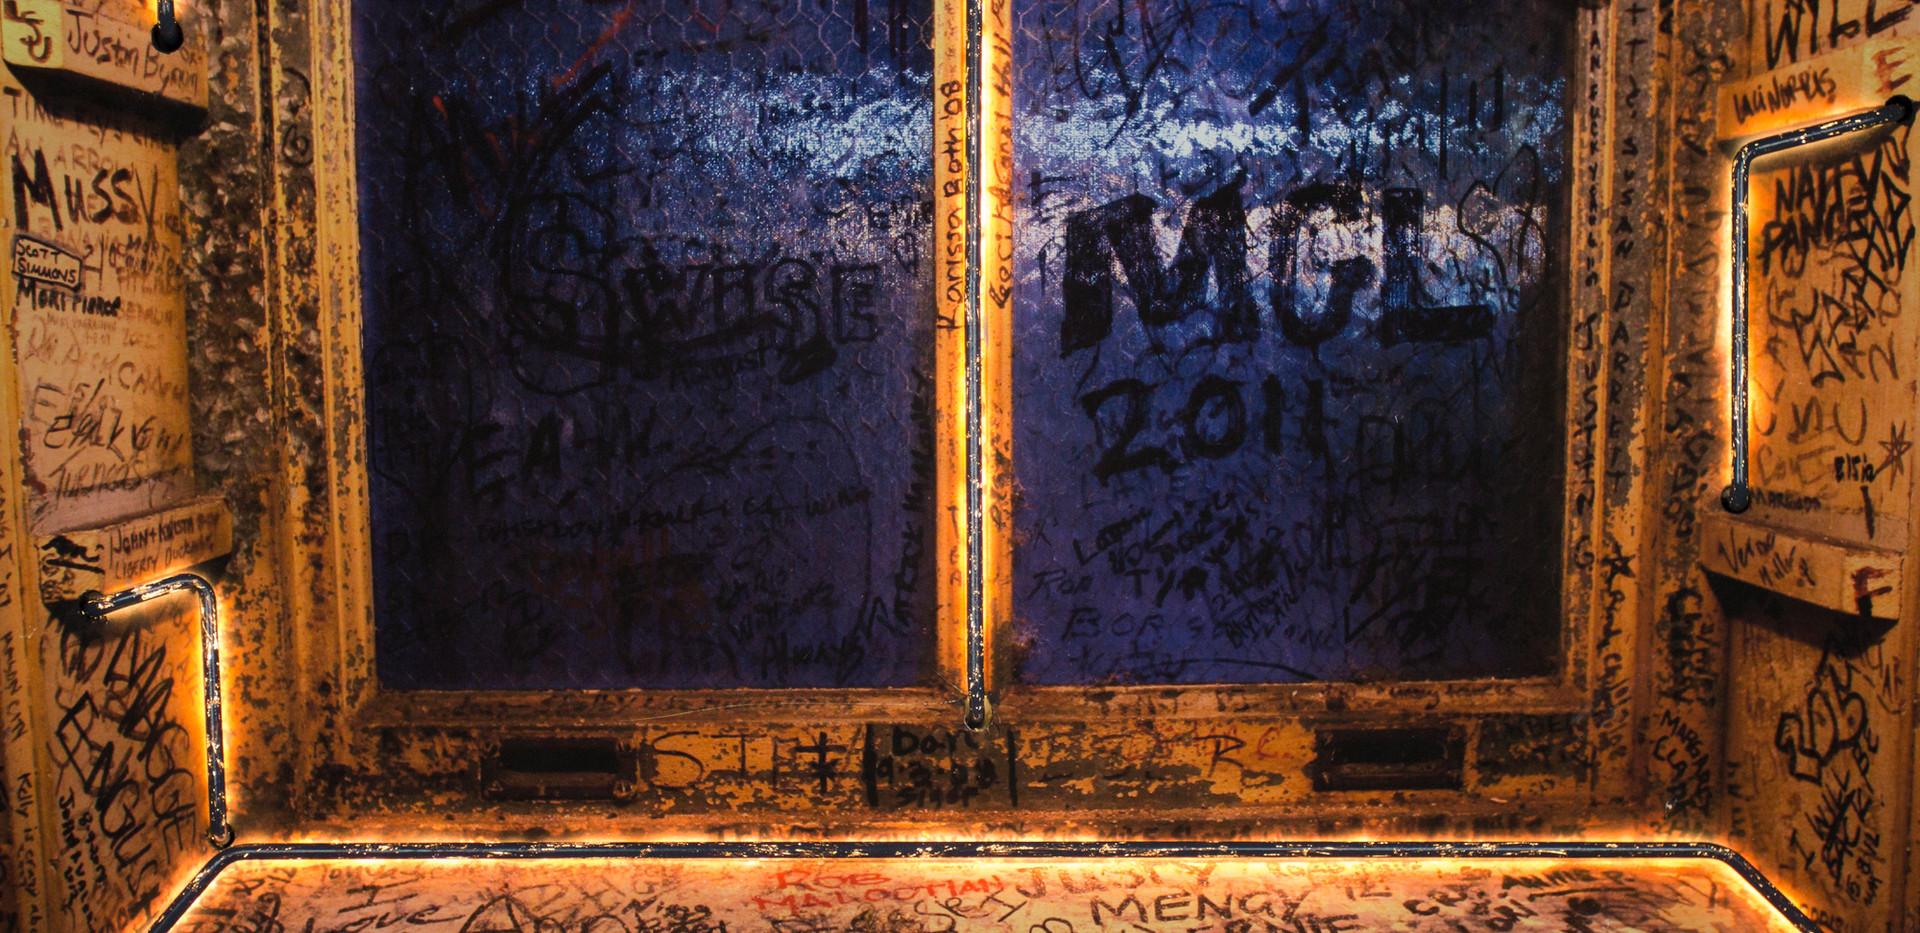 Ground Zero I, 2015